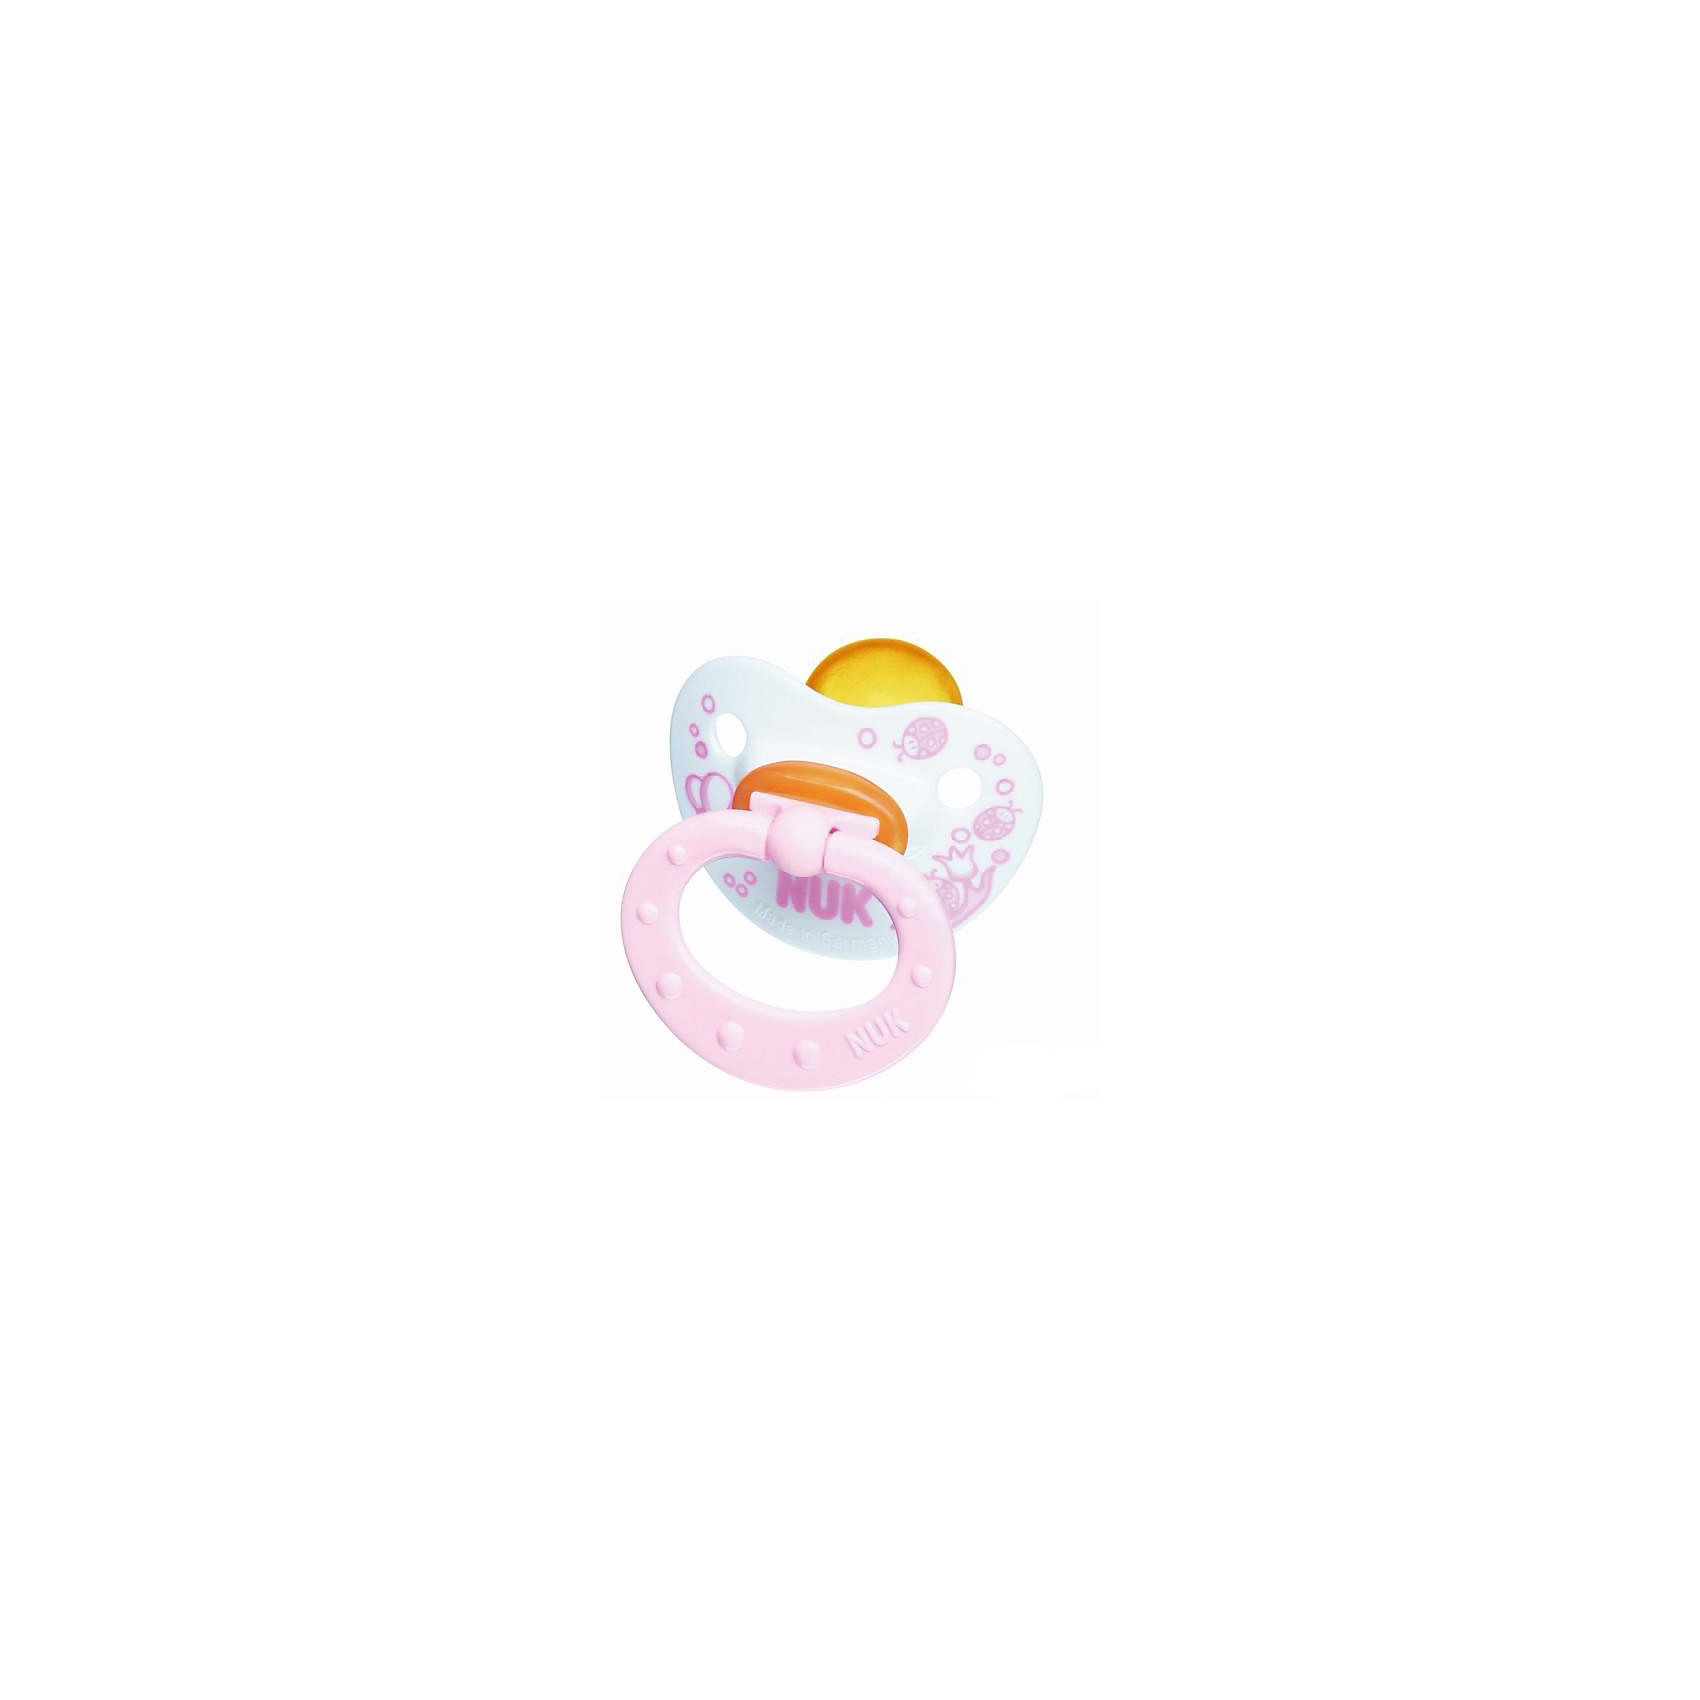 Пустышка для сна с кольцом Латекс, р. 1, Baby Rose, NUKПустышка для сна имеет ортодонтическую форму, что обеспечивает правильное формирование прикуса и челюстно-лицевого аппарата. Пустышка идеально прилегает к лицу и подходит по форме к ротовой полости малыша. Клапанная система NUK AIR SYSTEM позволяет воздуху выходить через специальное отверстие, поэтому, пустышка сохраняет свою форму и мягкость. В загубнике есть два симметричных отверстия, которые обеспечивают крохе легкое дыхание ночью. Кольцо пустышки складывается, благодаря этому она не сдавливает лицо малыша во время сна. Пустышка выполнена из гипоаллергенных материалов безопасных для детей.<br><br>Дополнительная информация:<br><br>- Материал: латекс, пластик.<br>- Размер: 1<br>- Цвет: нежно-розовый, белый. <br>- Клапанная система NUK AIR SYSTEM.<br><br>Пустышку для сна с кольцом Латекс, р. 1, Baby Rose, NUK можно купить в нашем магазине.<br><br>Ширина мм: 110<br>Глубина мм: 200<br>Высота мм: 130<br>Вес г: 30<br>Возраст от месяцев: 0<br>Возраст до месяцев: 6<br>Пол: Женский<br>Возраст: Детский<br>SKU: 3932414